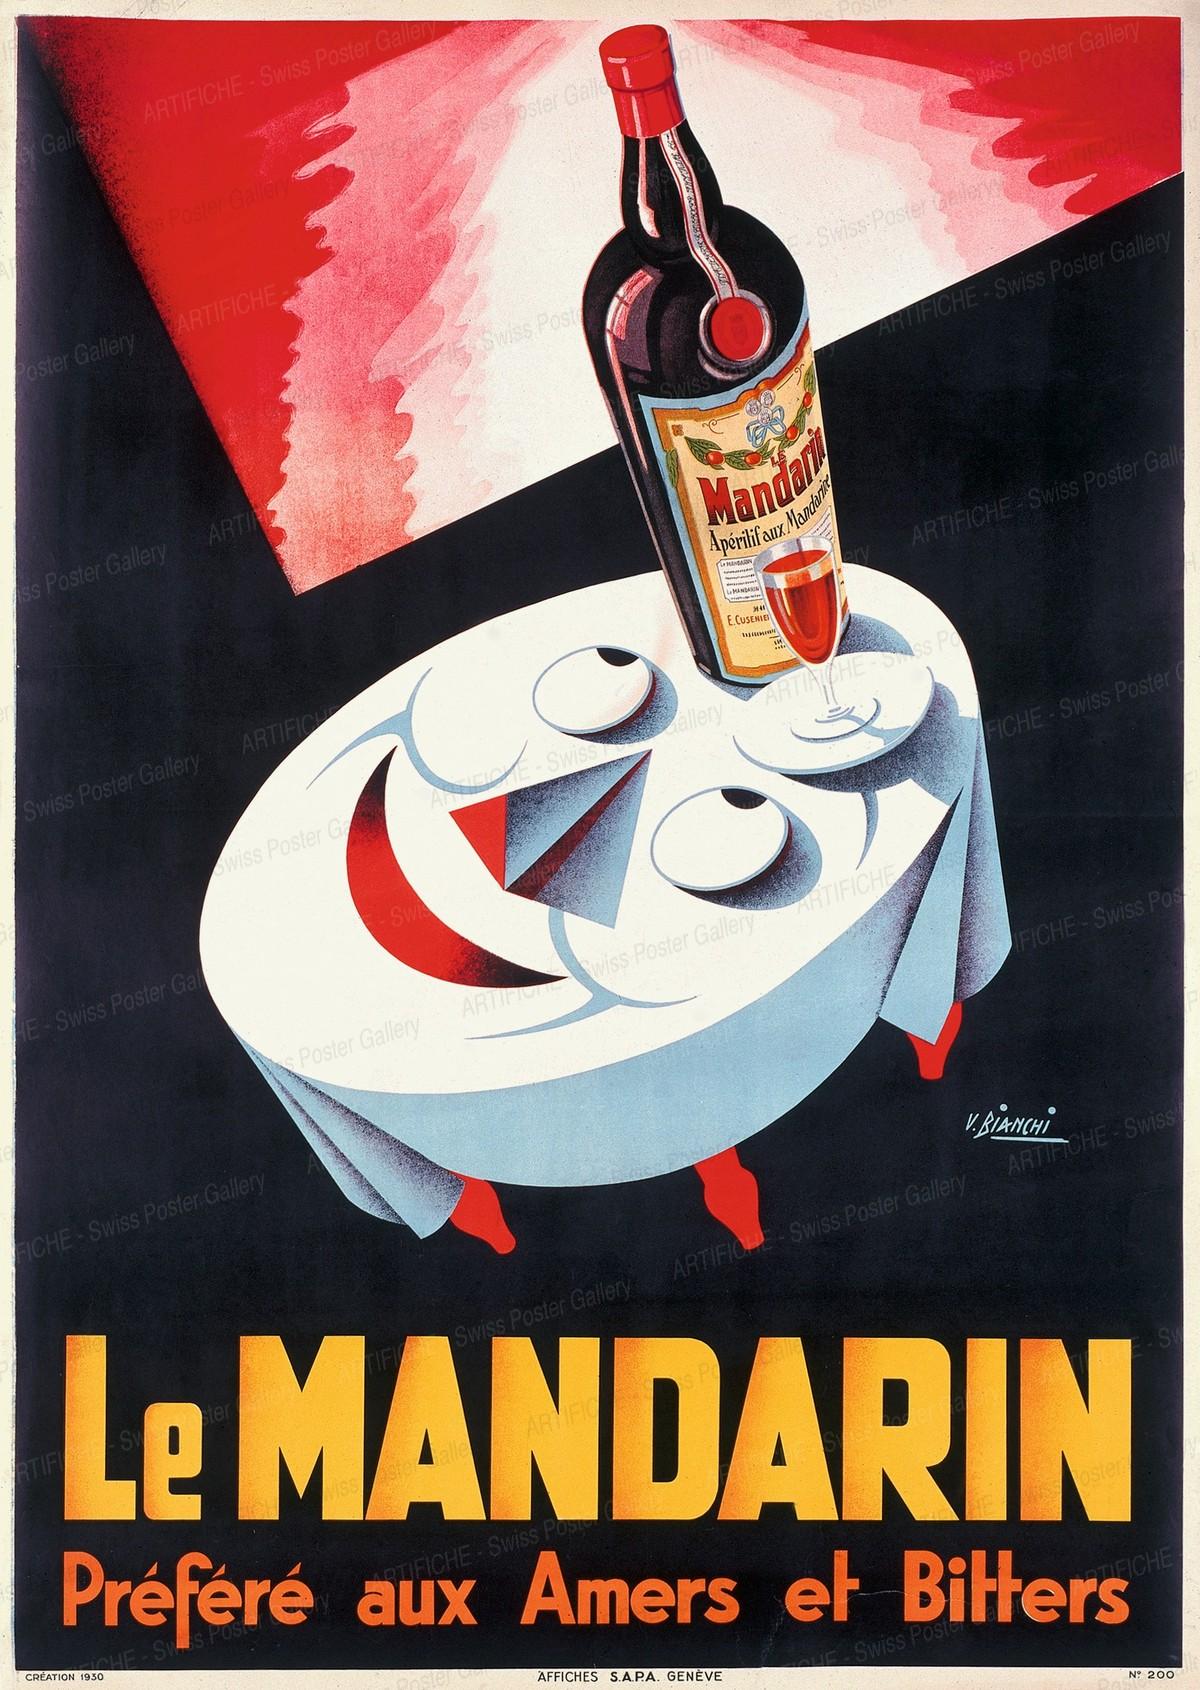 LE MANDARIN Préféré aux Amers et Bitters, V. Bianchi